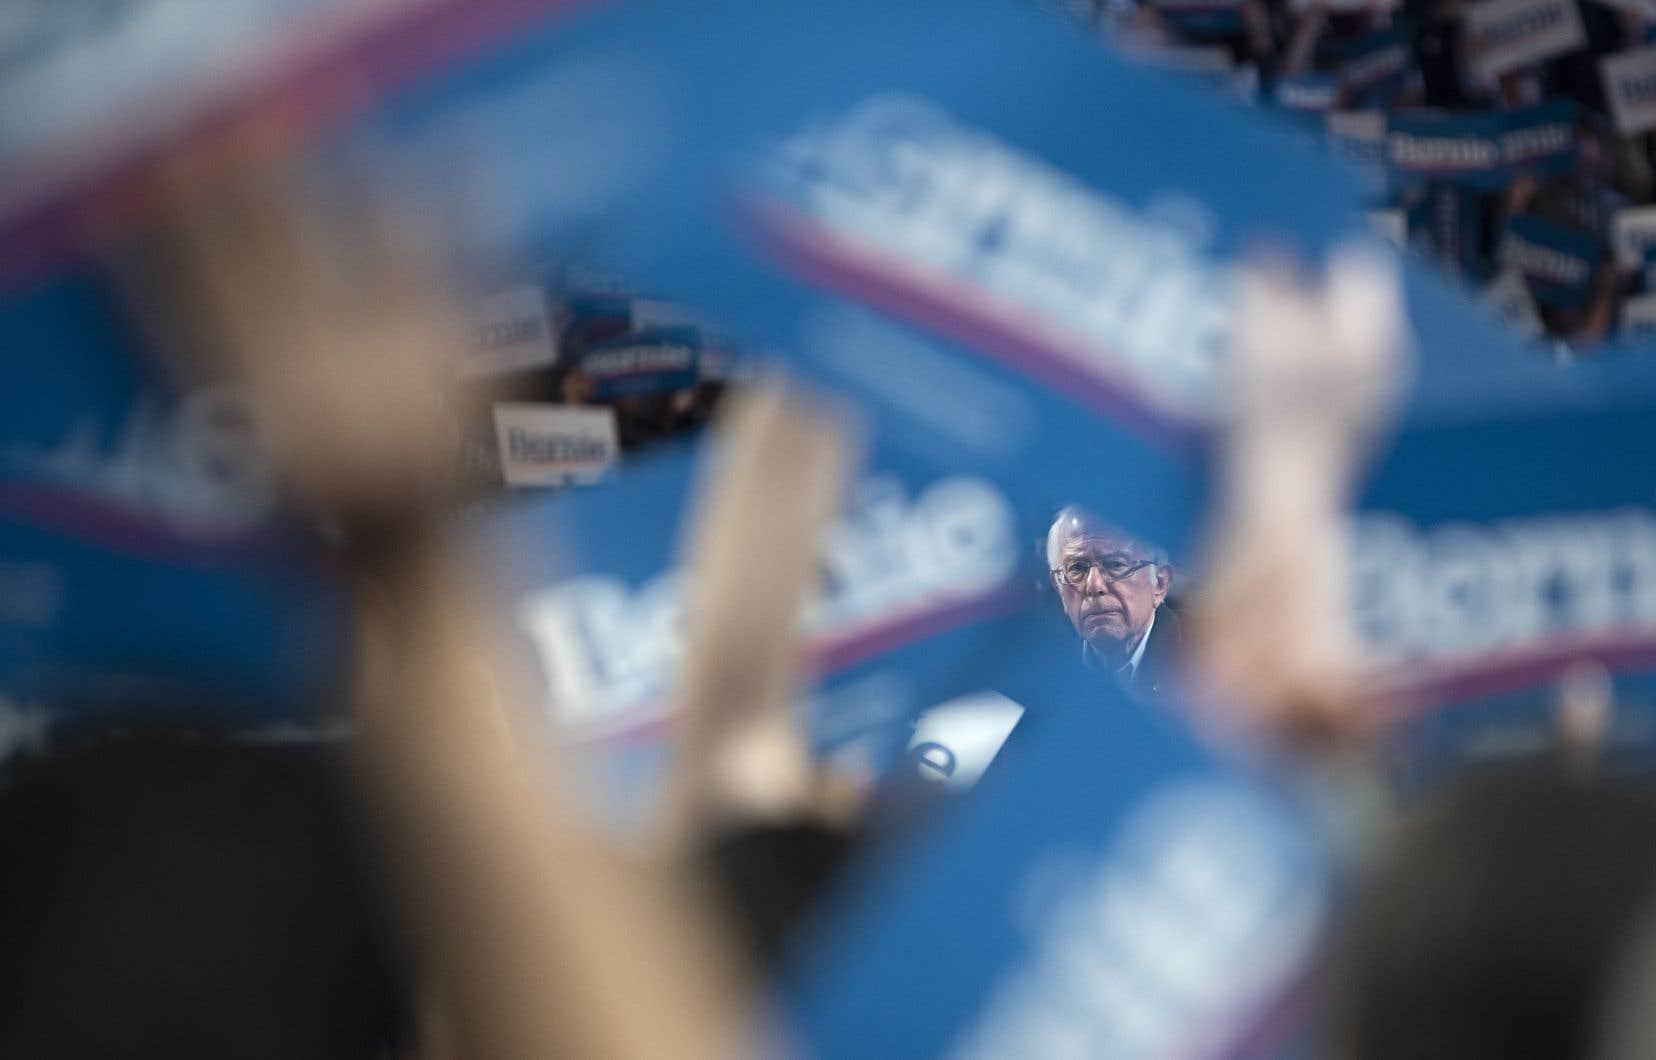 Bernie Sanders caracole en tête des sondages nationaux avec 29,3% des intentions de vote, selon une estimation du site RealClearPolitics.